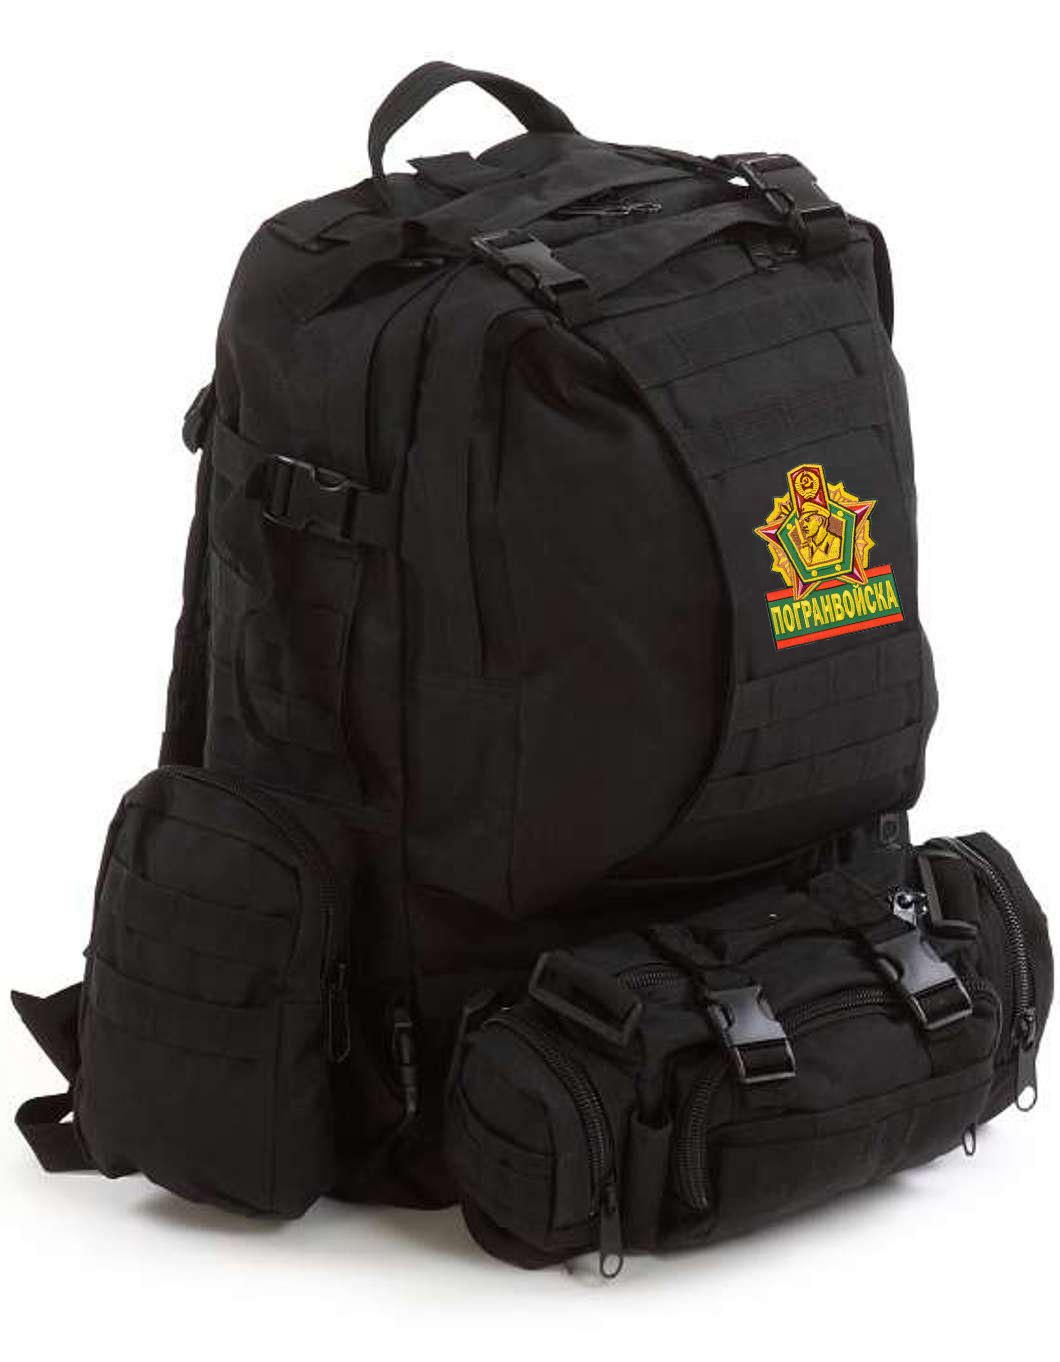 Тактический модульный рюкзак Assault с нашивкой Погранвойск - заказать оптом